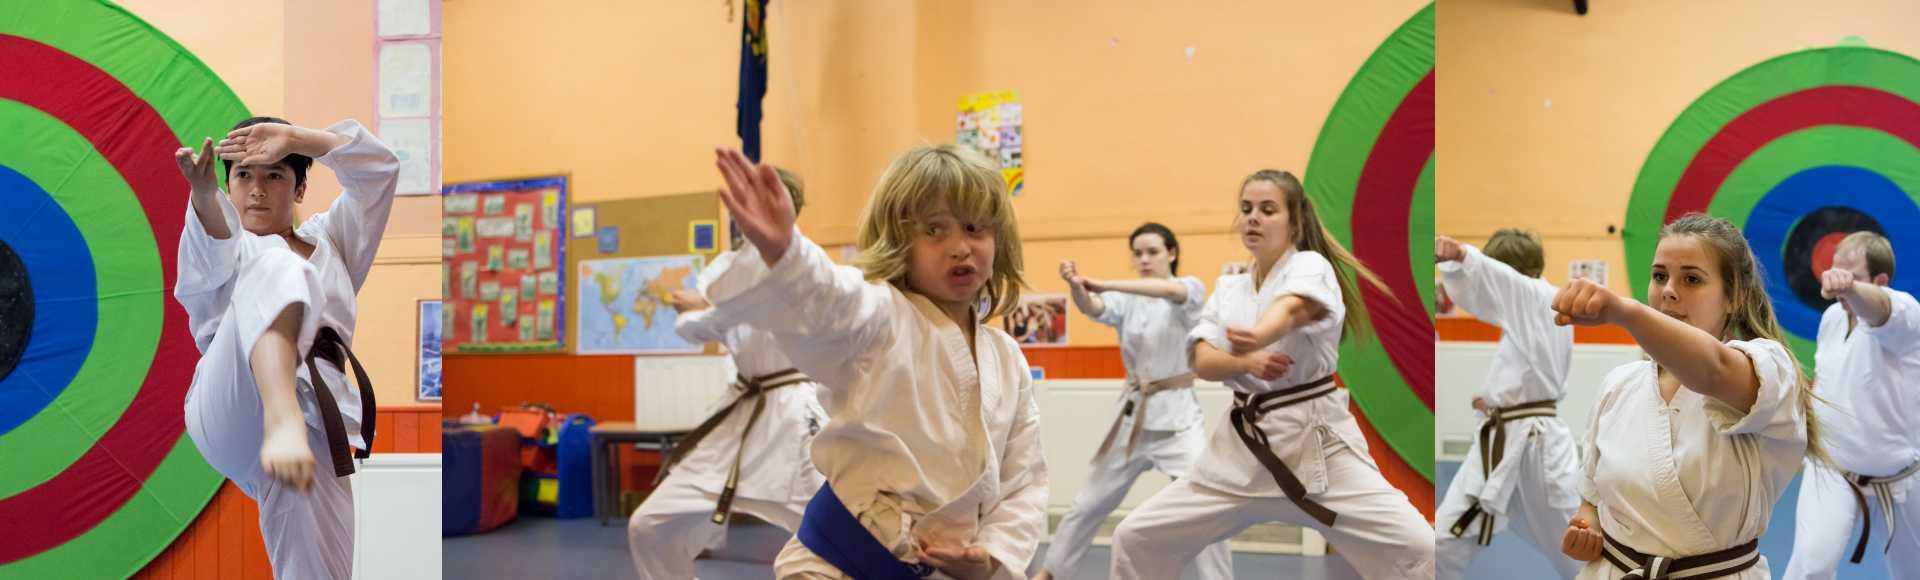 Thackley Shotokan Tigers Karate Club